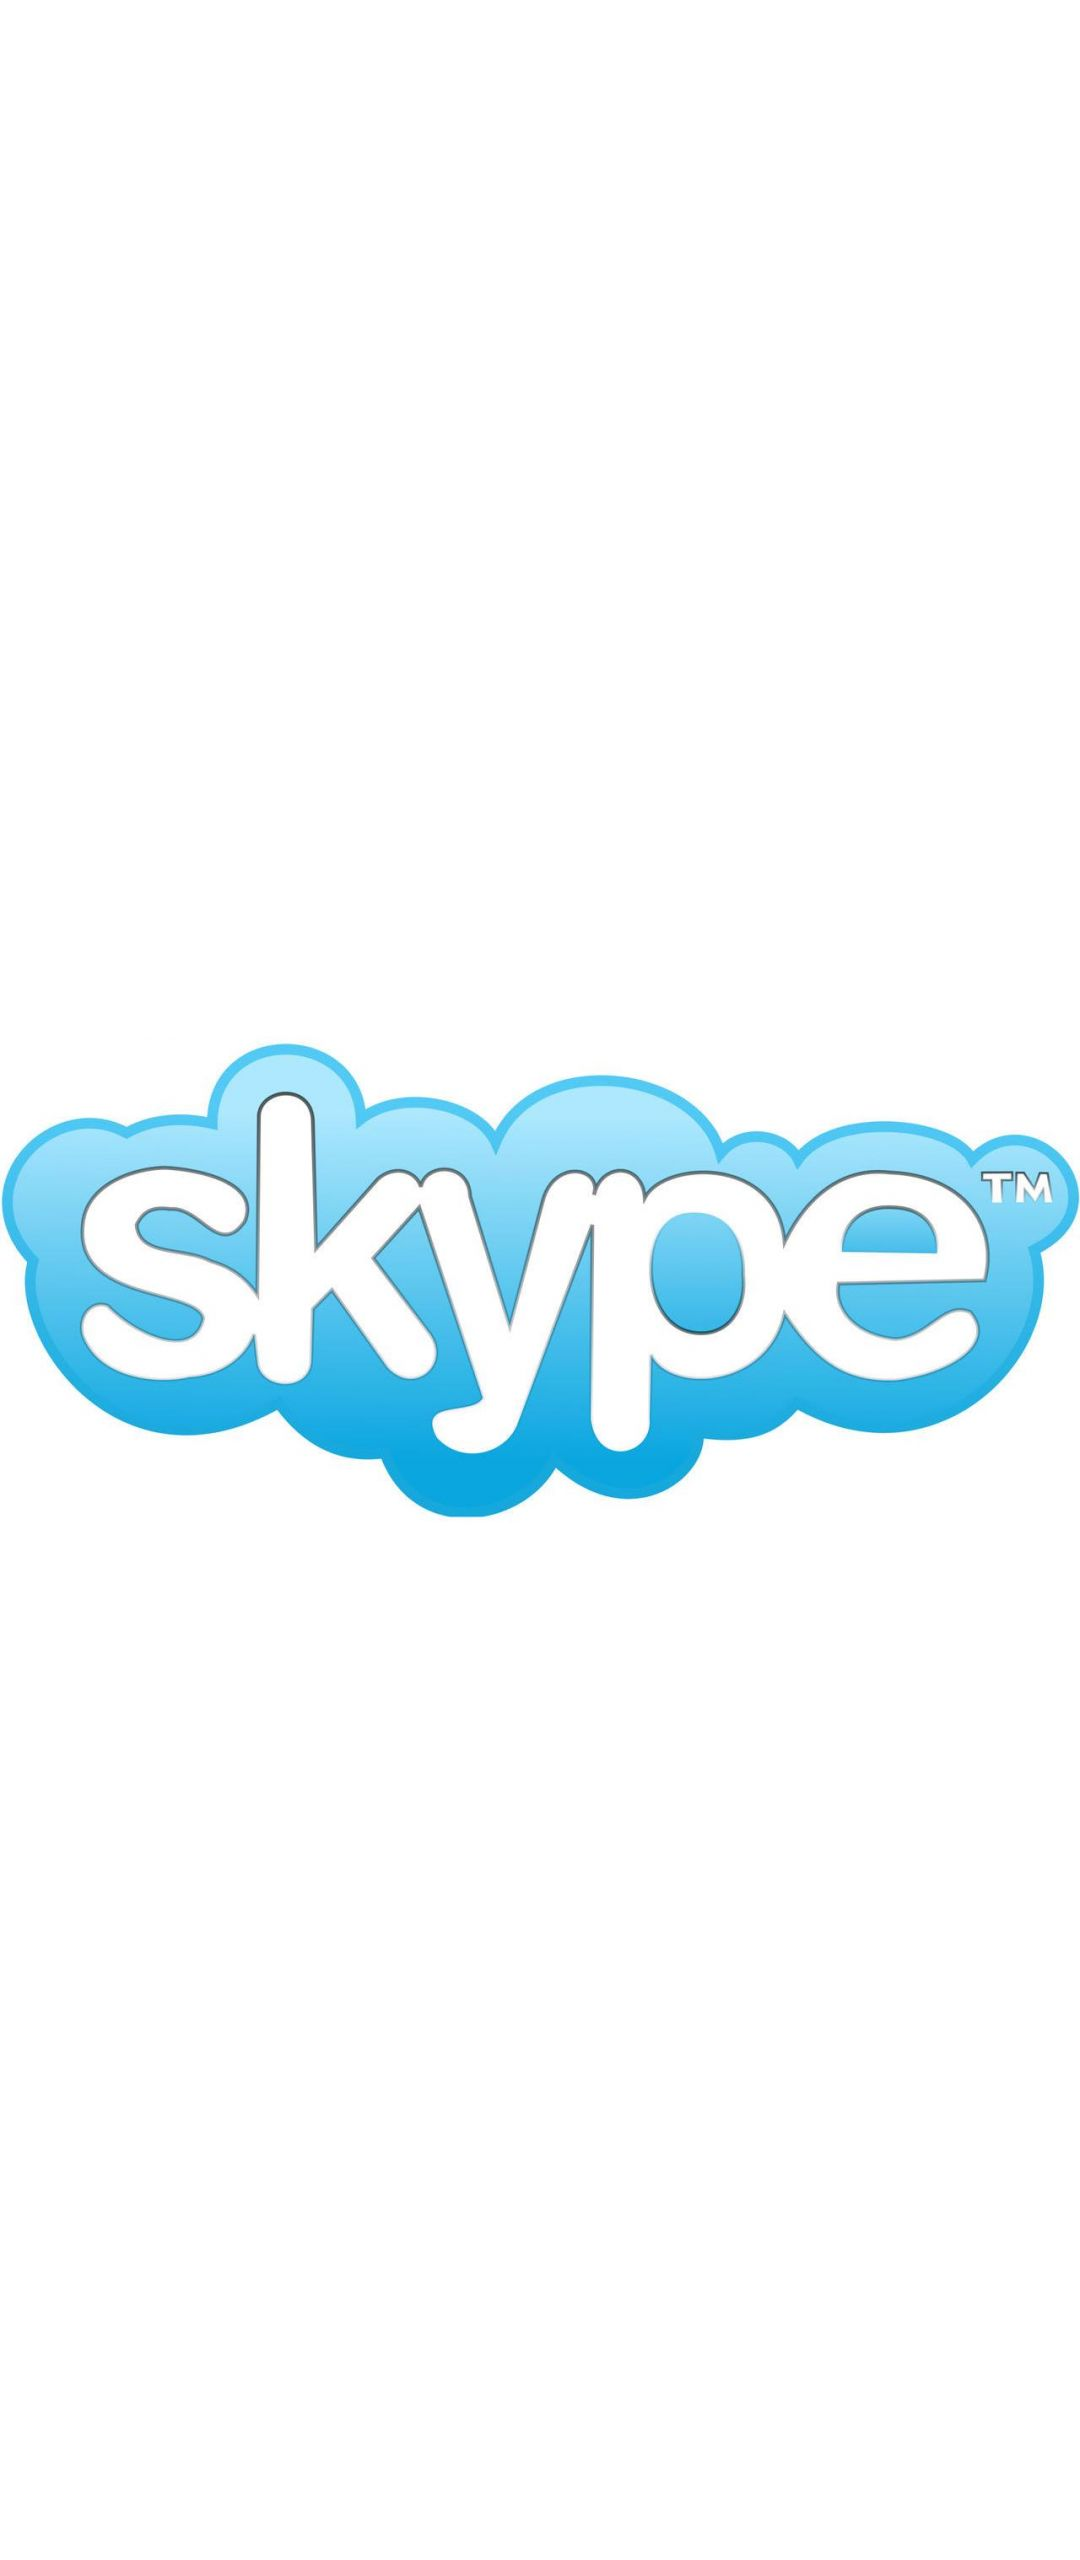 Skype habilita traducciones en tiempo real para llamadas telefónicas